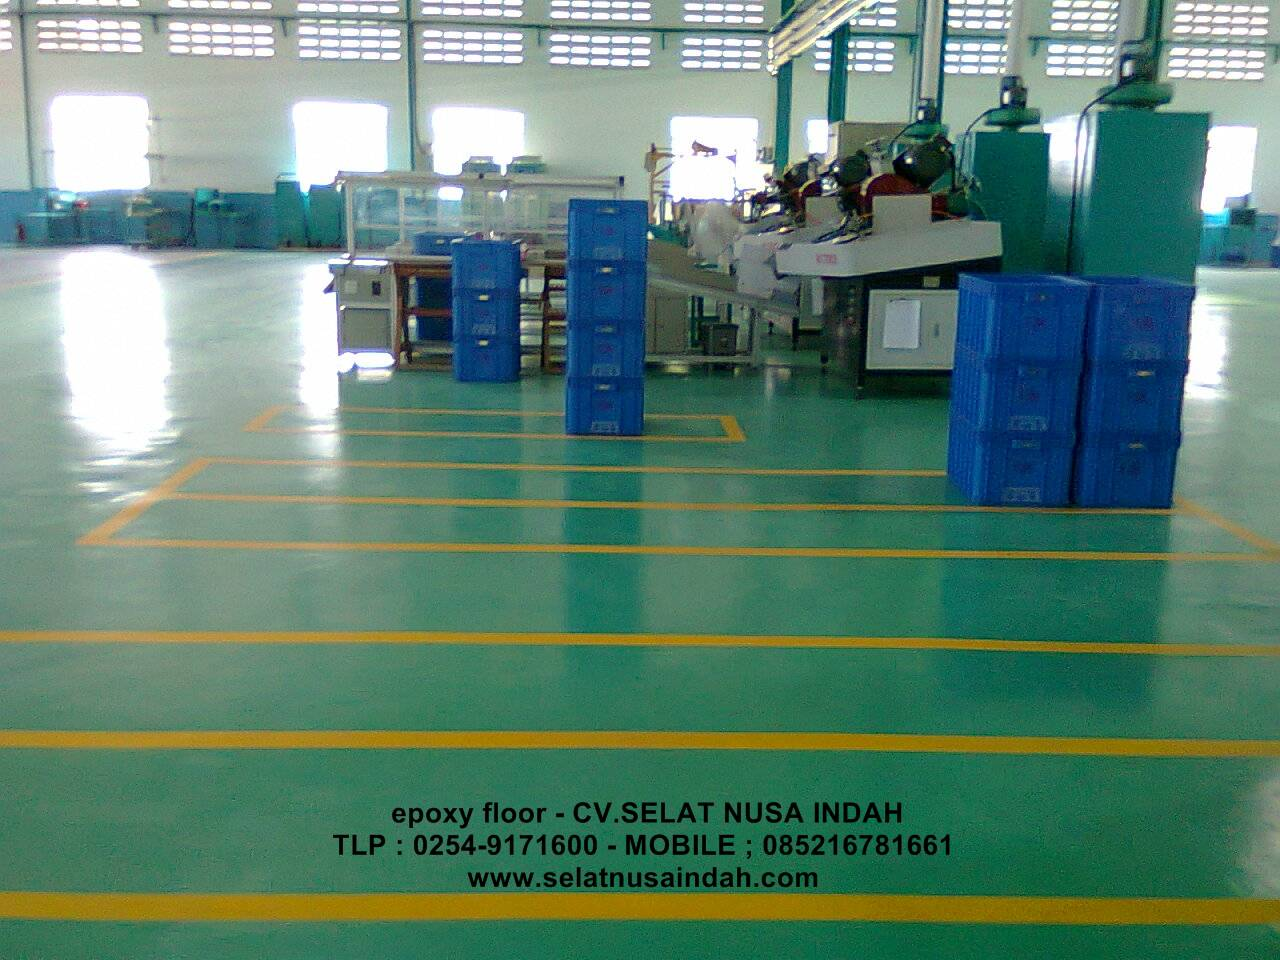 epoxy floor 1000 microns